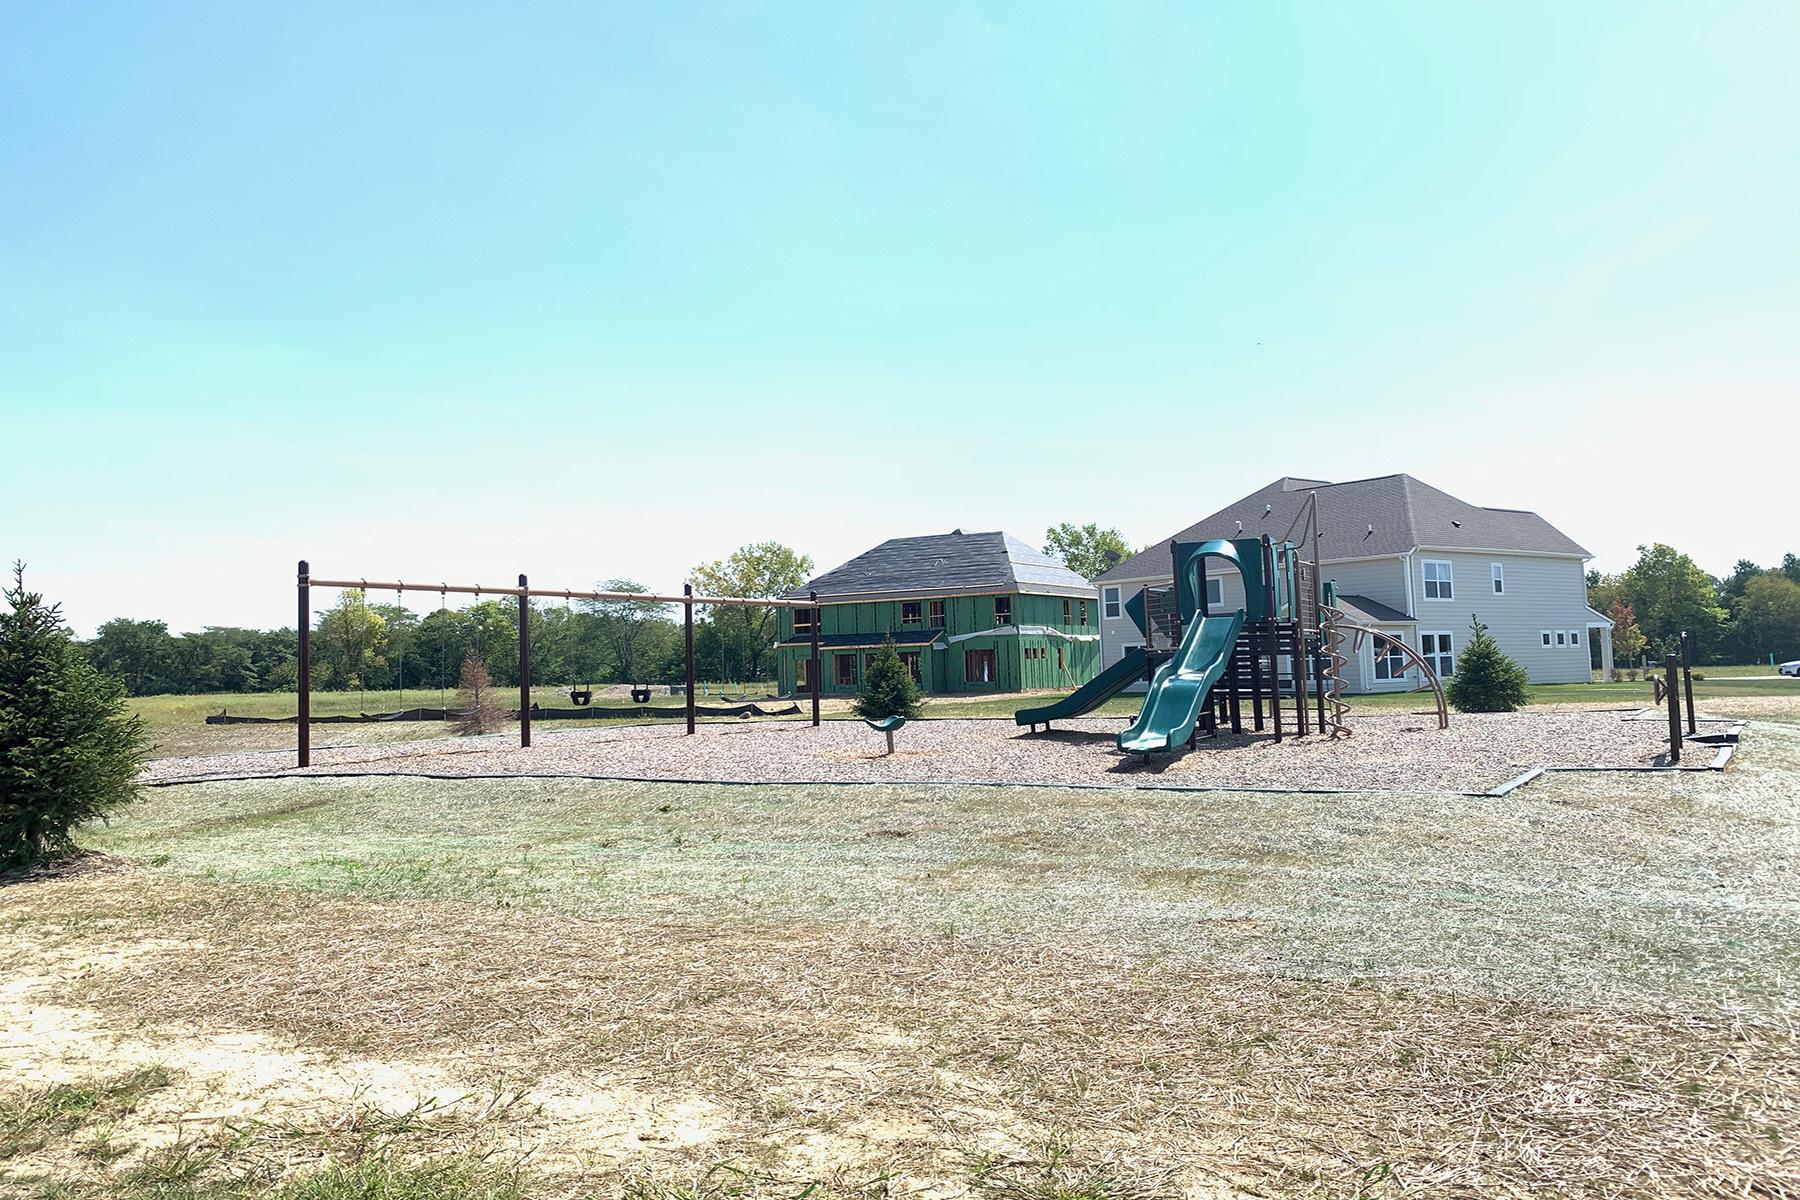 Sagebrook Playground